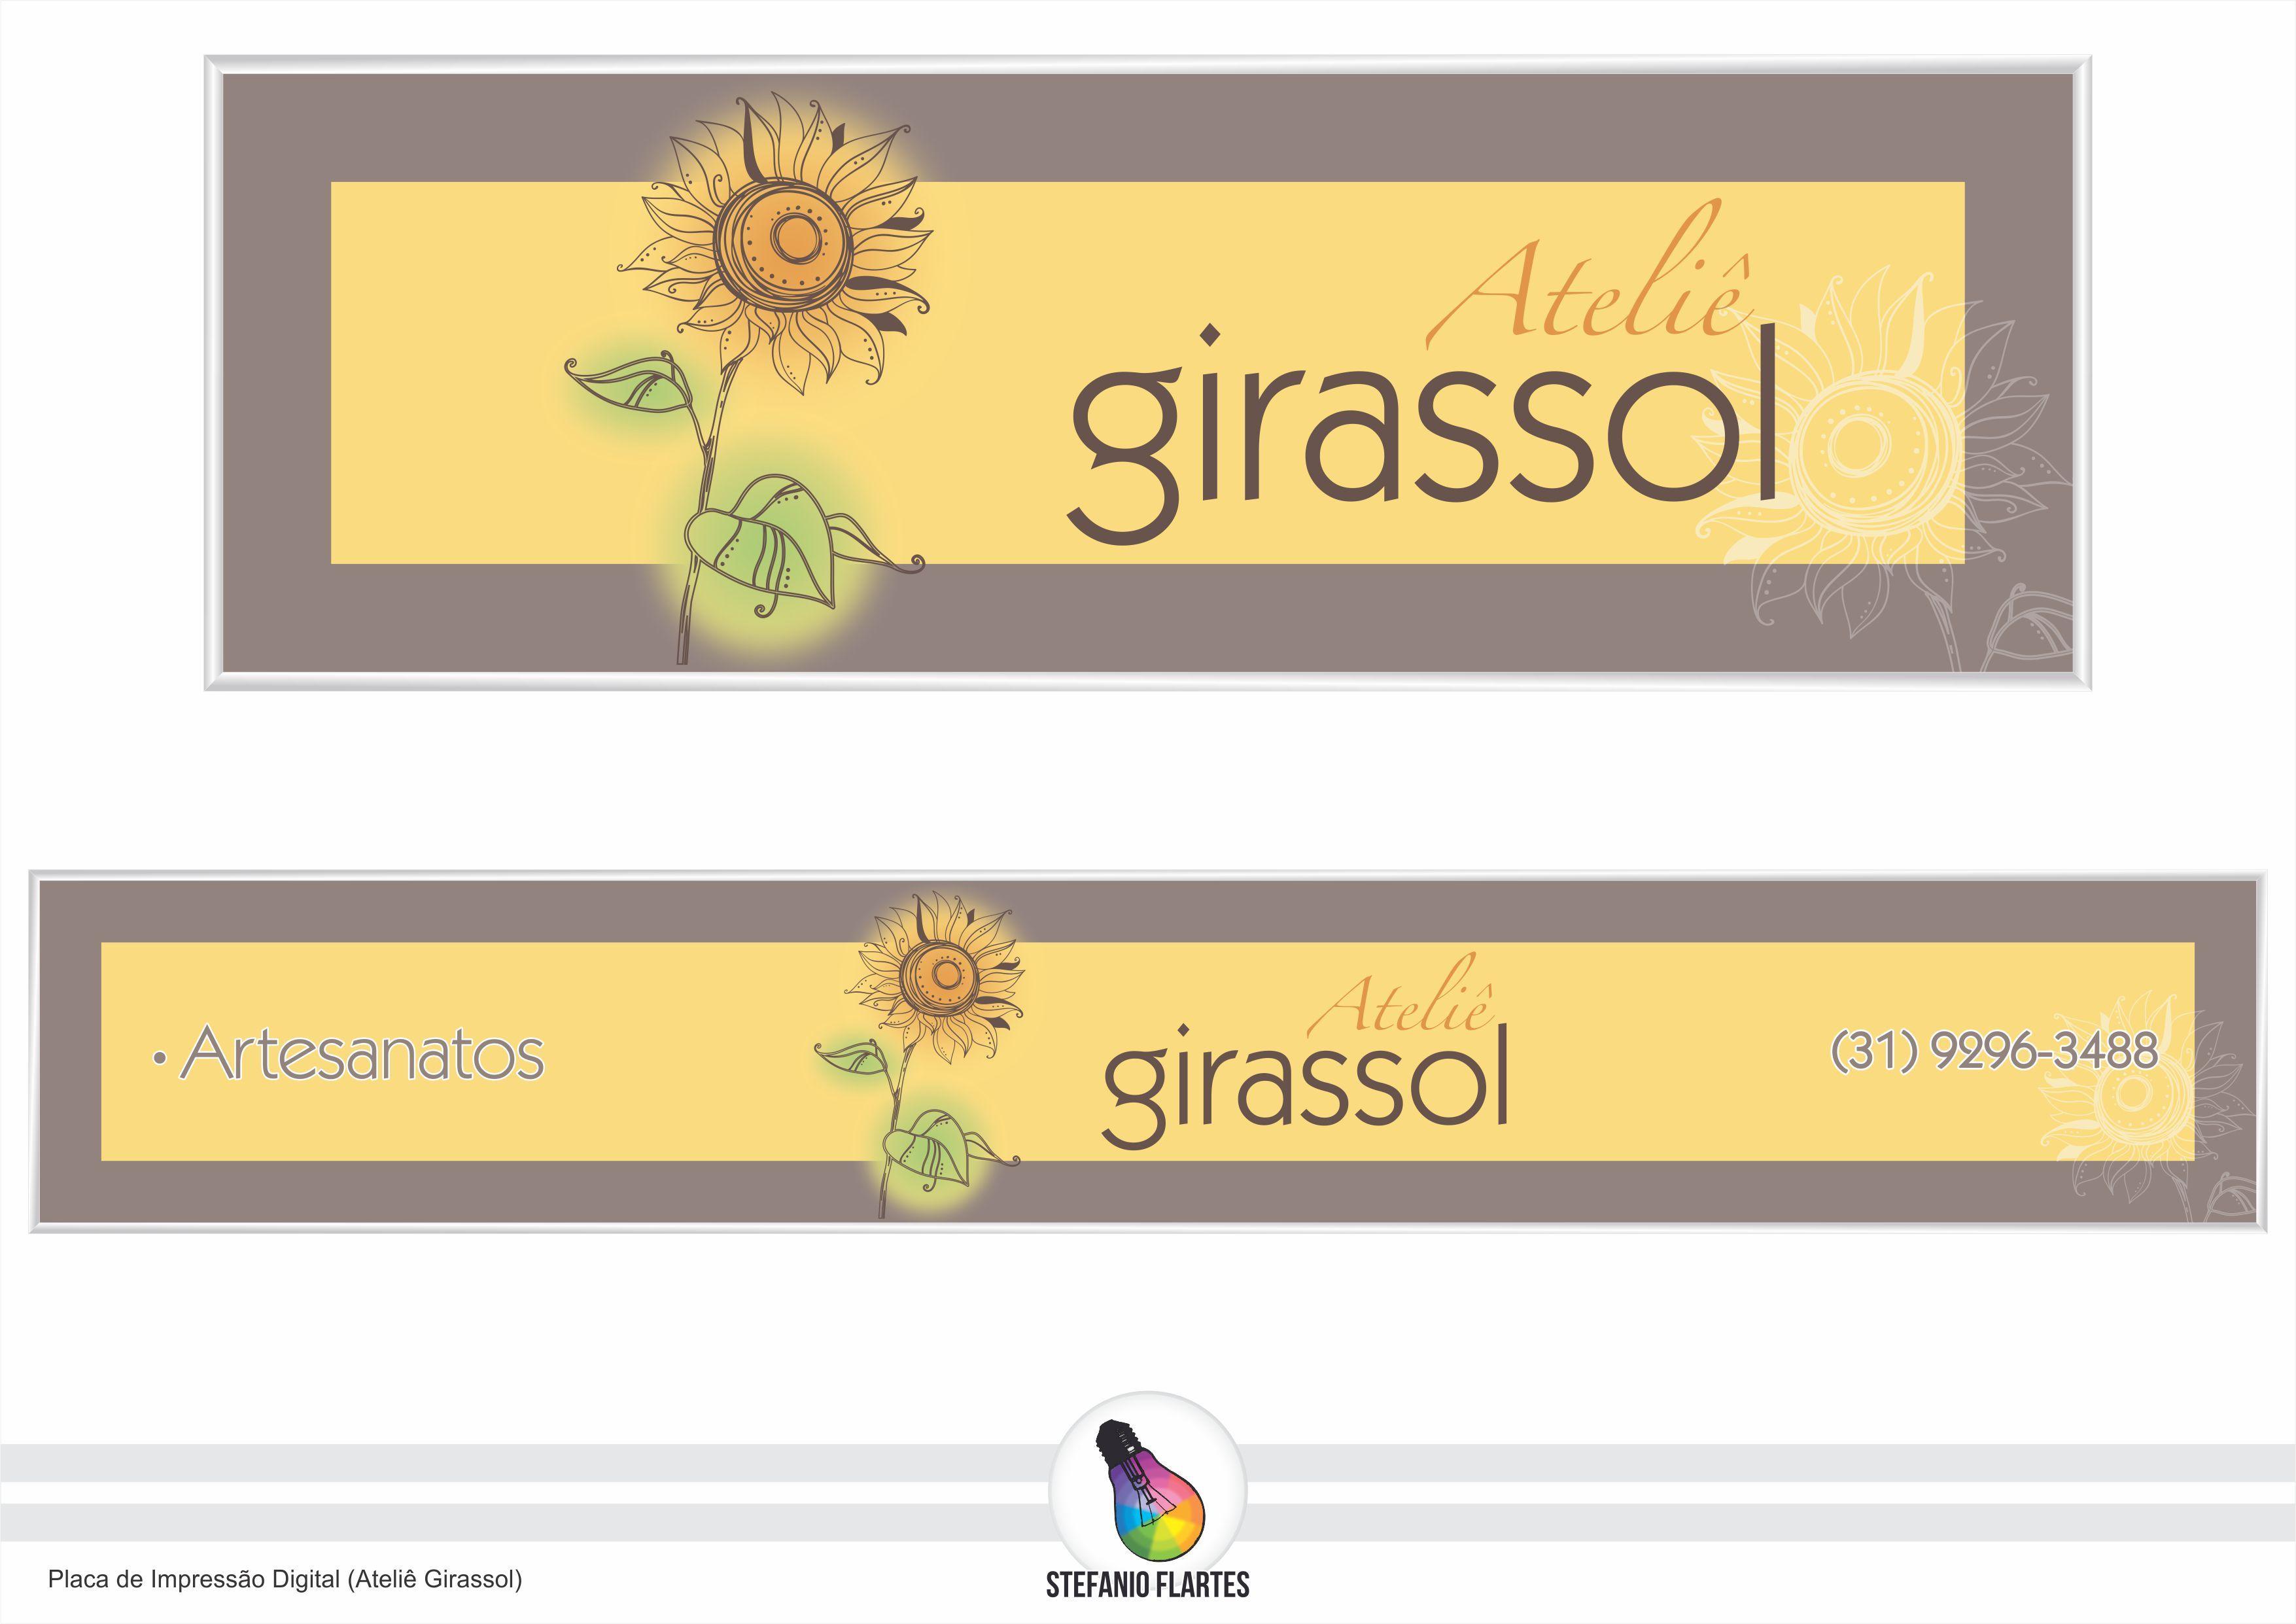 Projeto Placa de Impressão Digital (Ateliê Girassol)